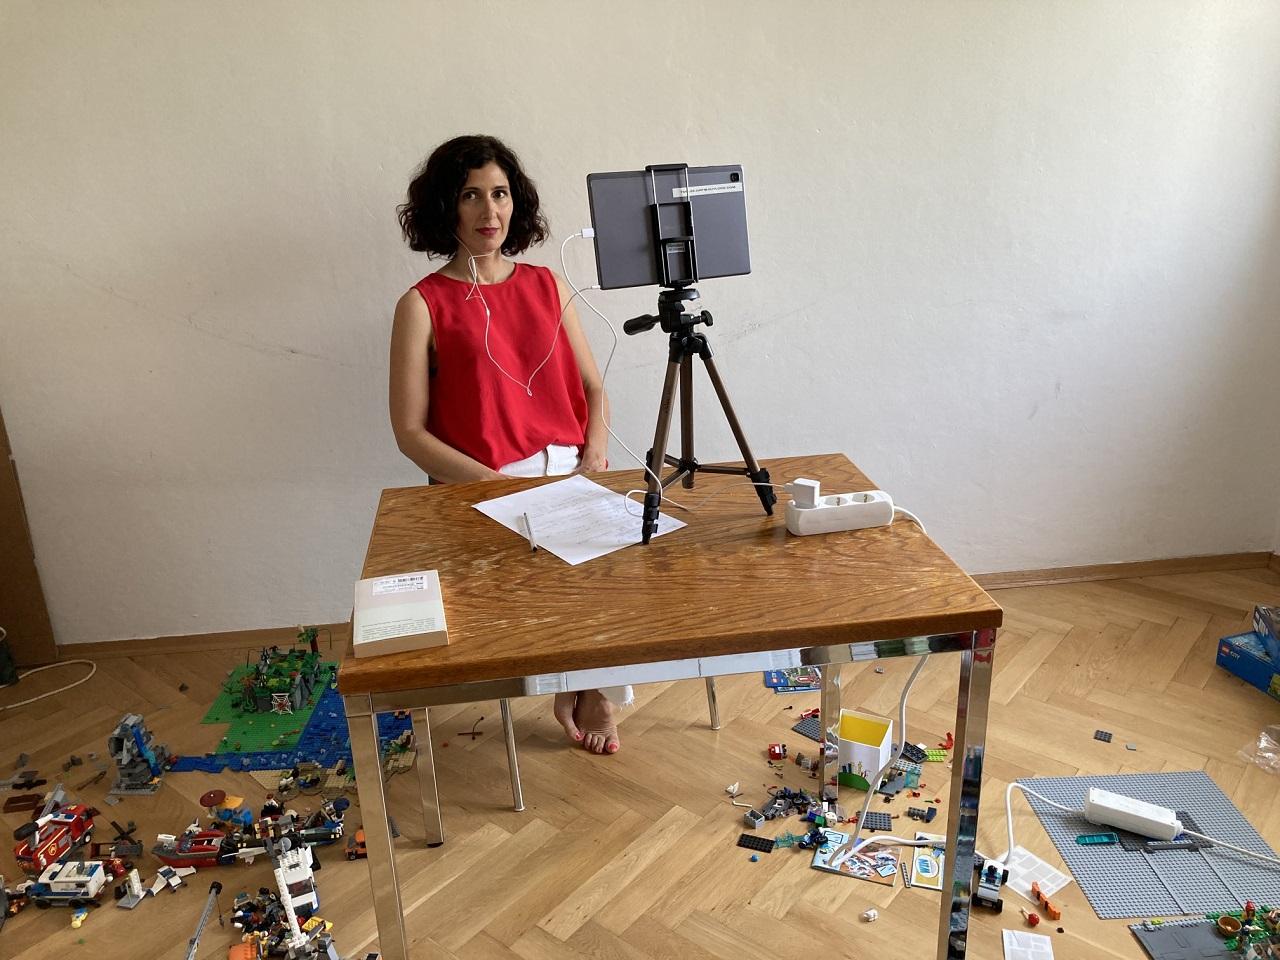 Nava Ebrahimi bei ihrer Lesung für die 45. Tage der deutschsprachigen Literatur. Sie sitzt an einem Schreibtisch, auf dem Boden liegt Lego.